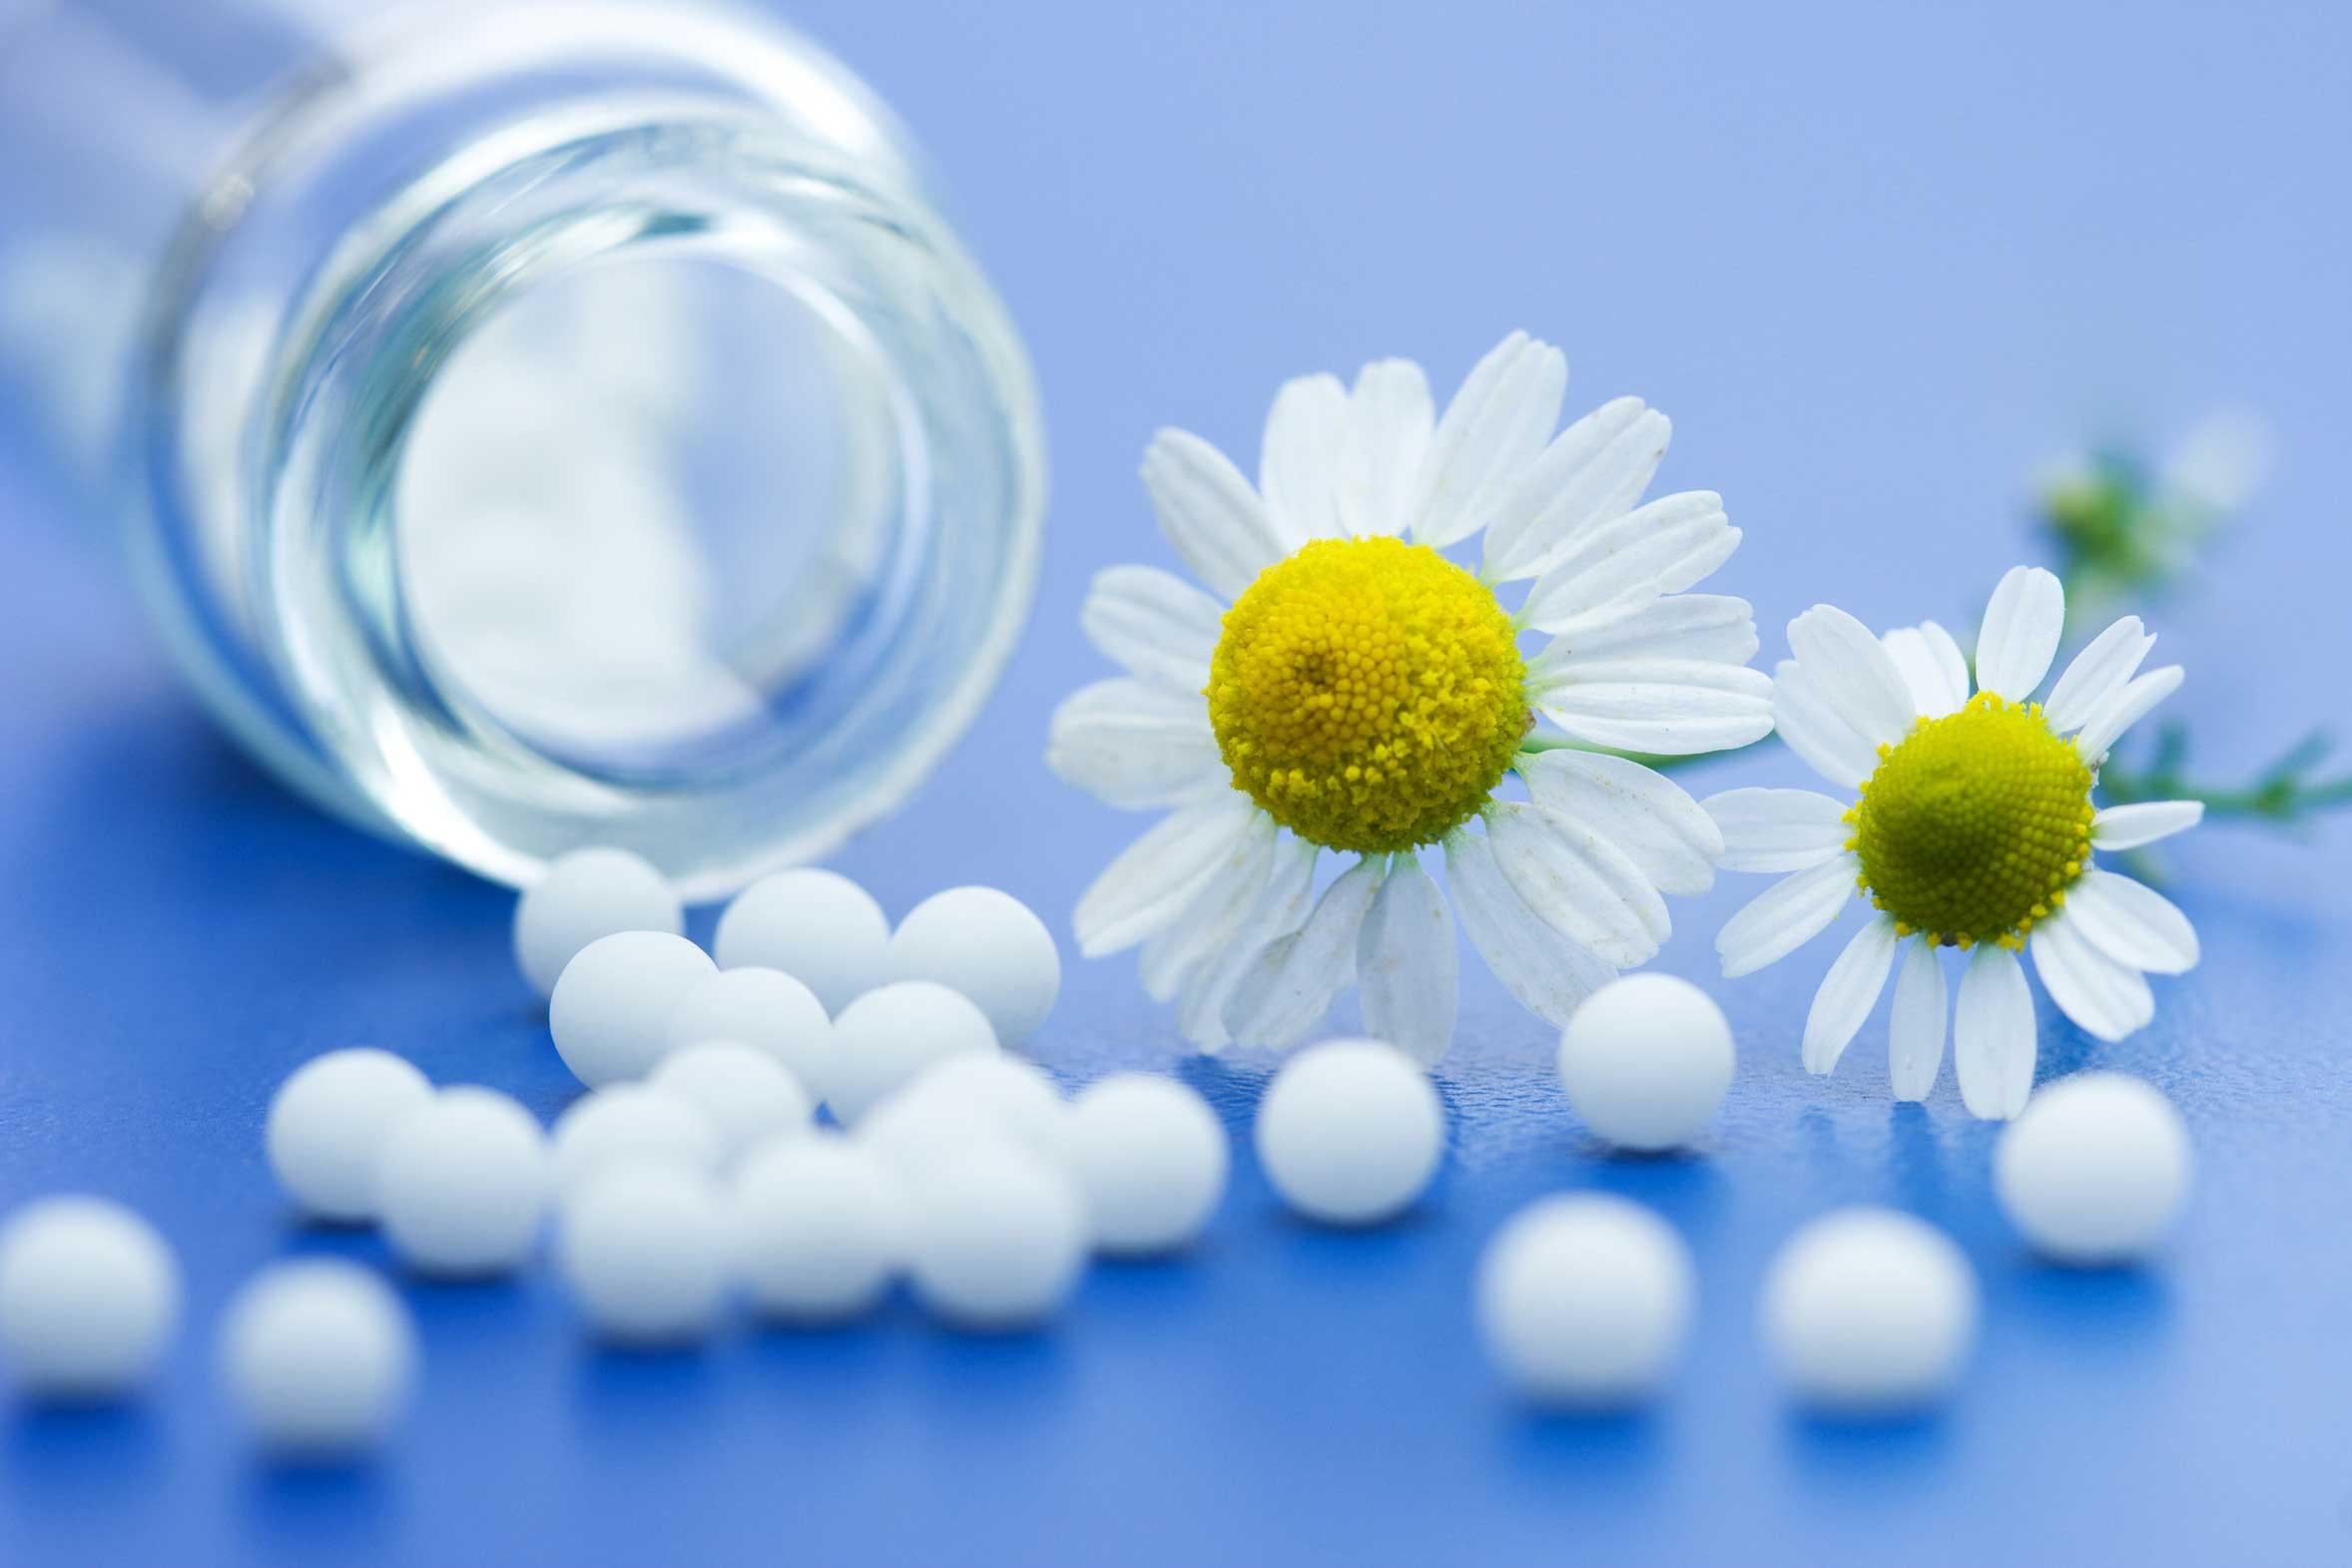 Prevenzione_delle_infezioni_respiratorie_in_eta_pediatrica_2